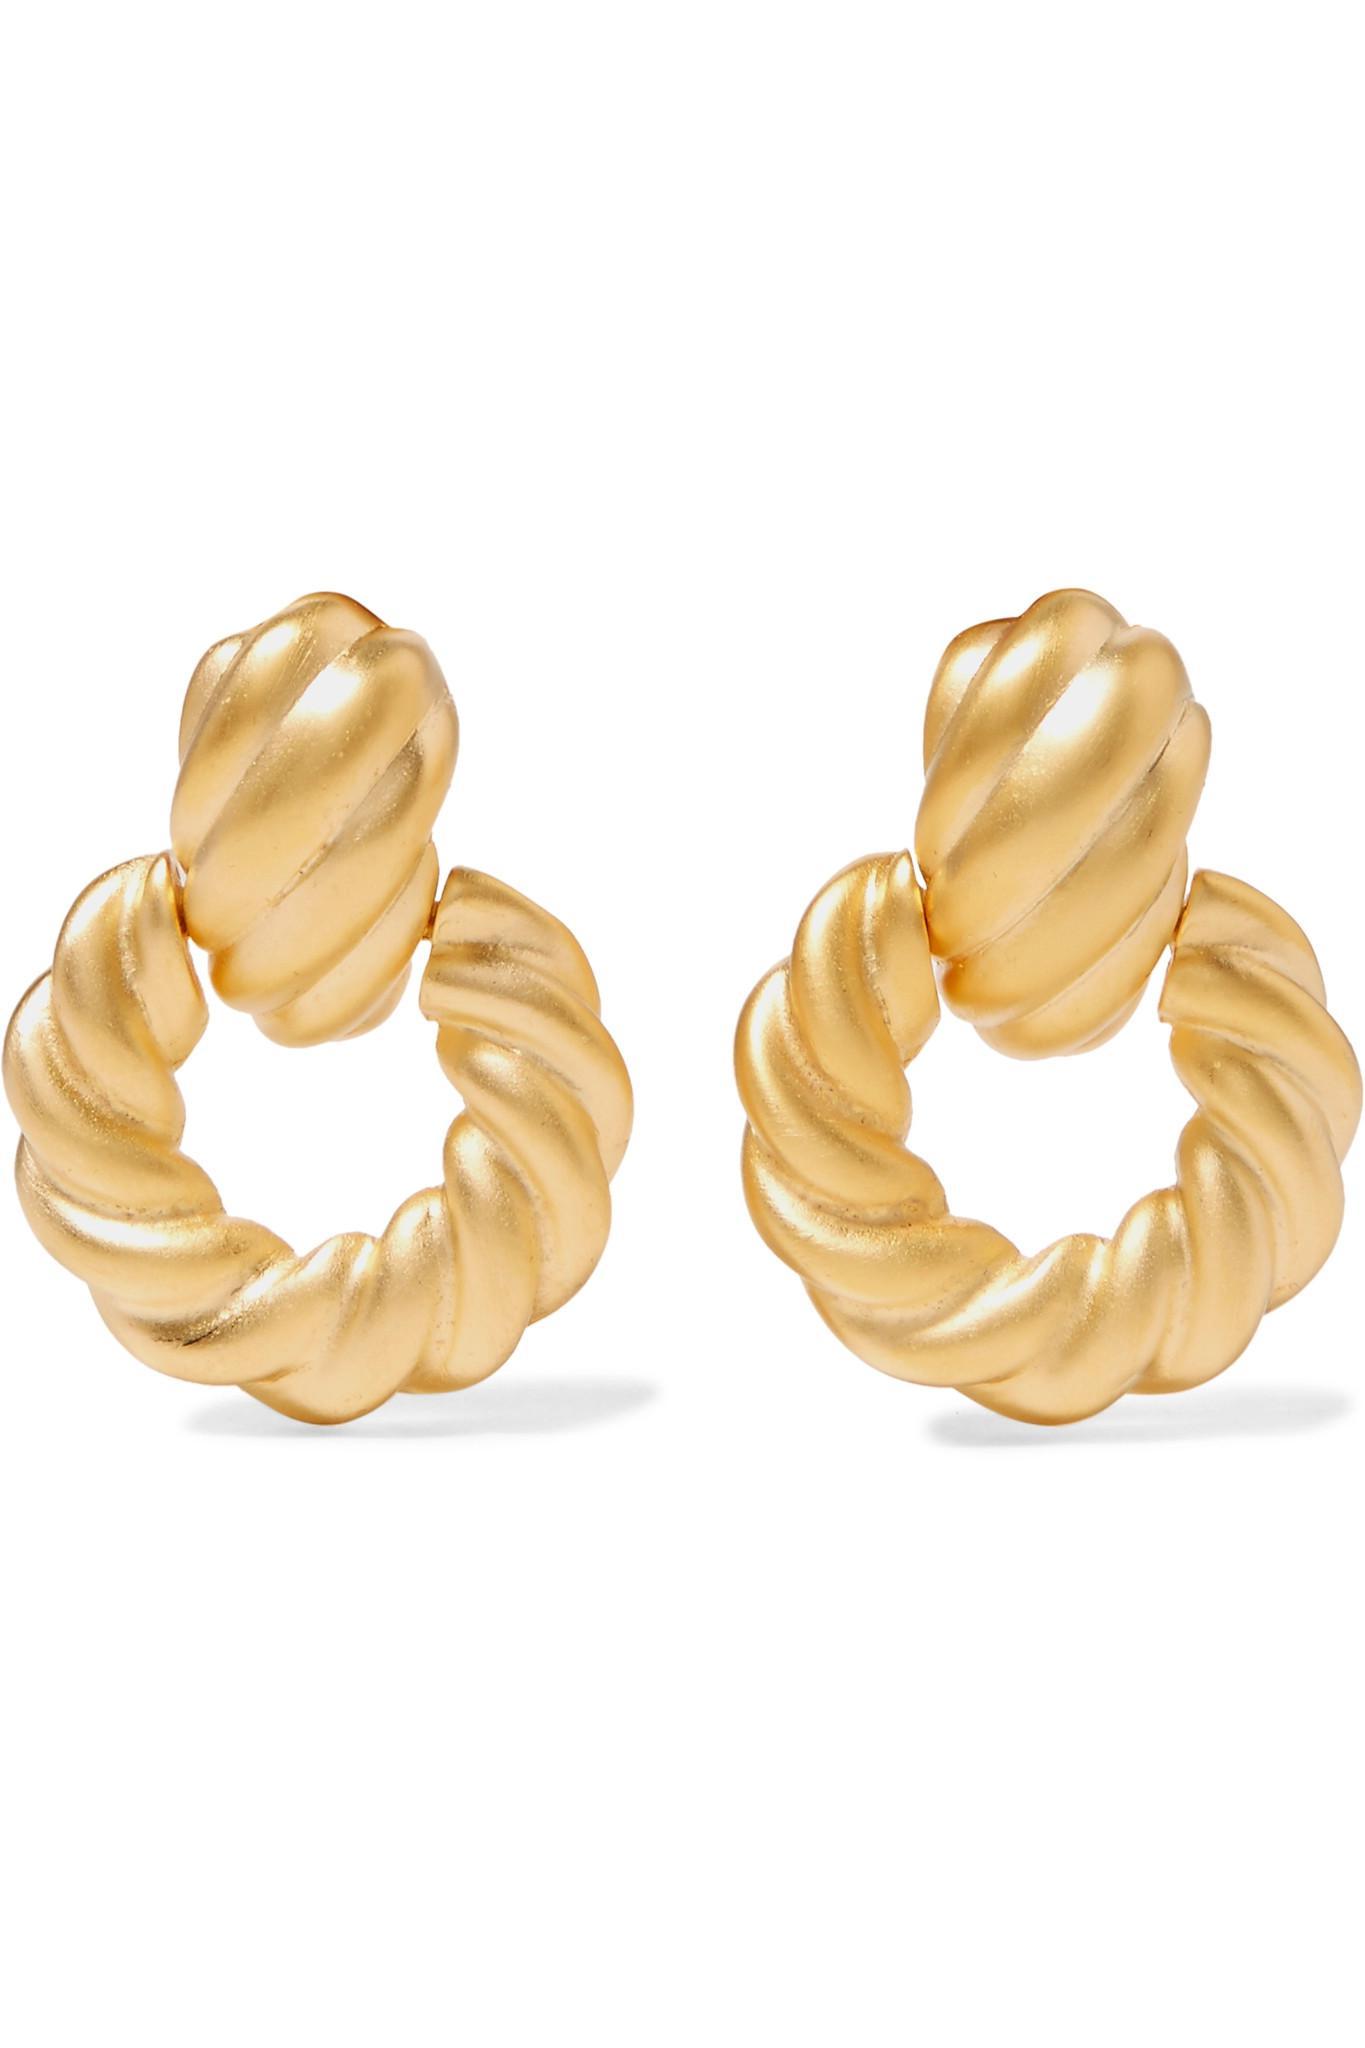 Gold-tone Enamel Clip Earrings - Black Kenneth Jay Lane 9rmqz14t9